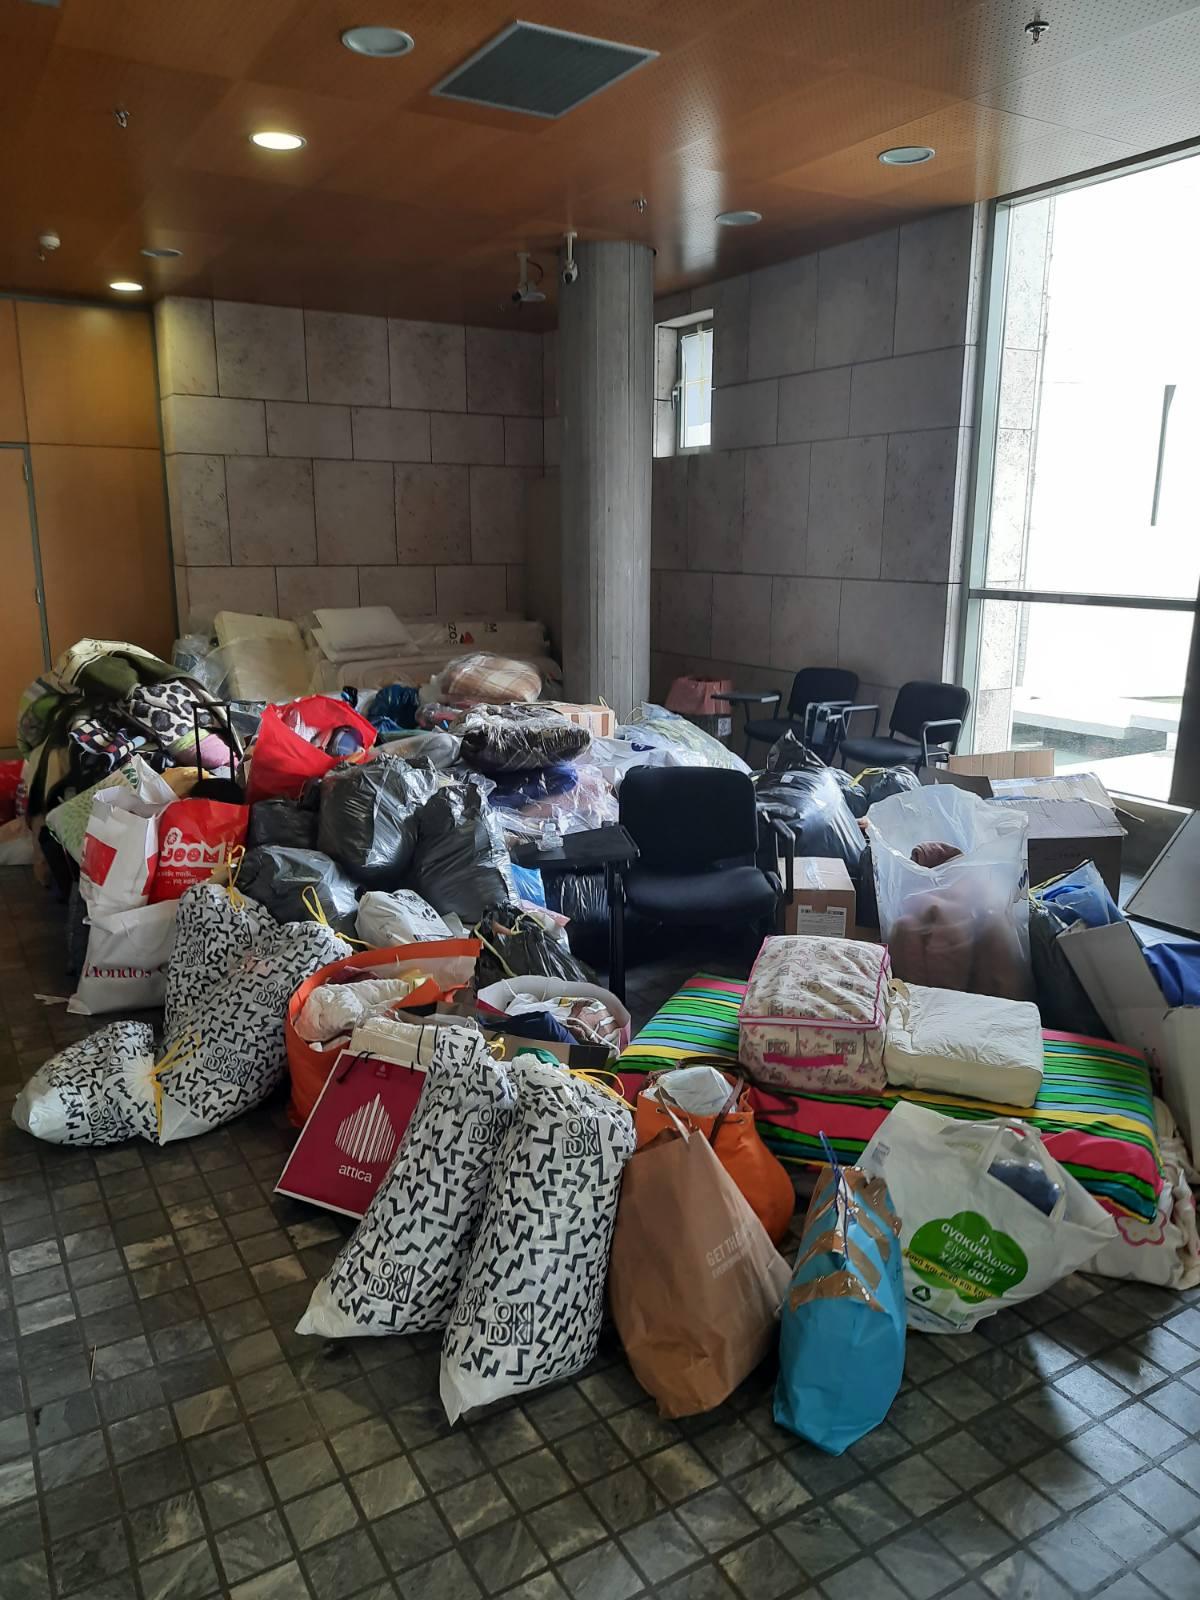 Γιγαντώνεται το κύμα αλληλεγγύης – Στις πυρόπληκτες περιοχές το πρώτο μέρος της βοήθειας του Δήμου Θεσσαλονίκης